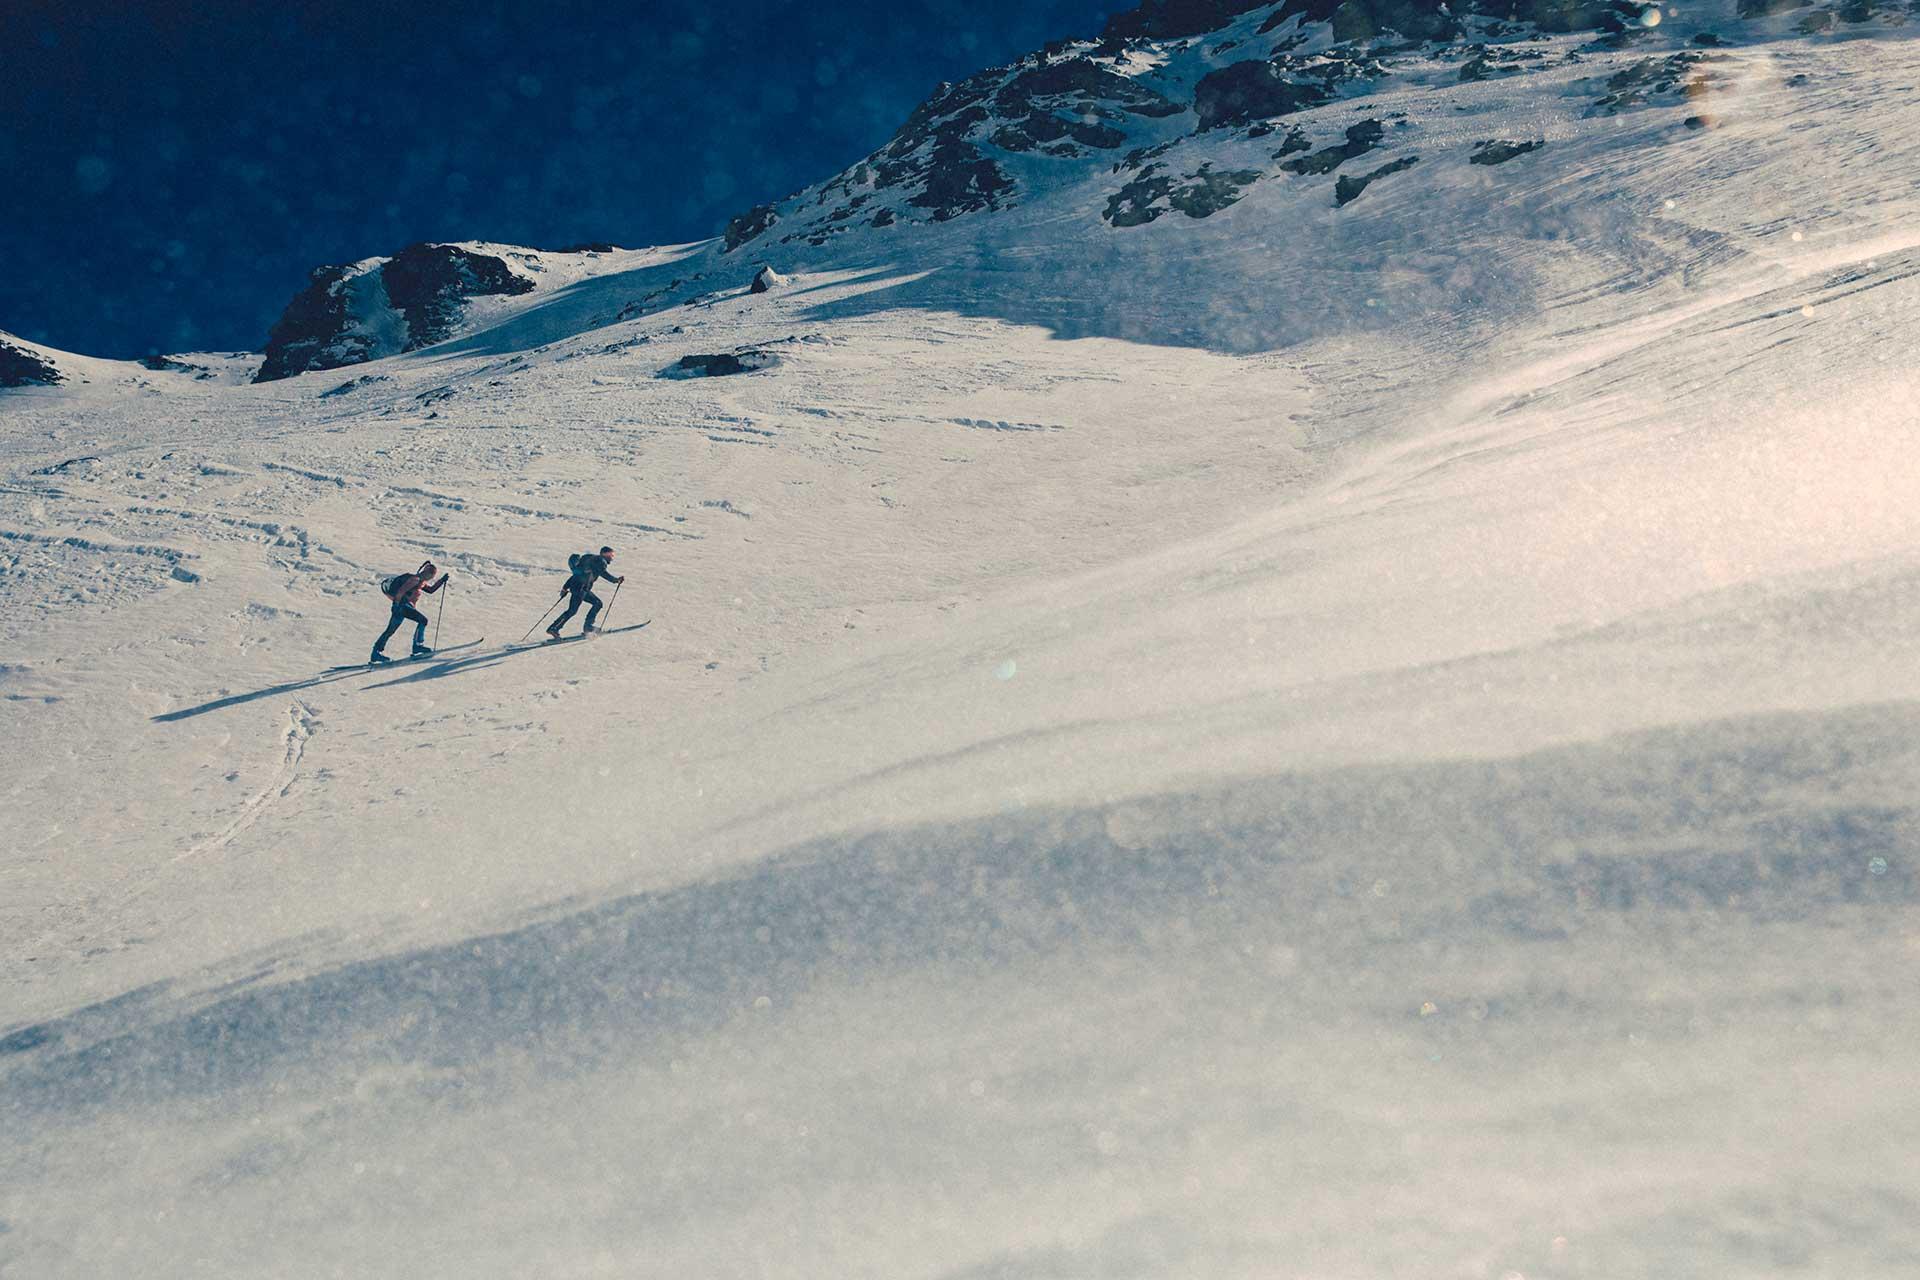 Fotograf skitour Aufstieg Bergsport Schnee Ski Winter Outdoor Michael Müller Hamburg